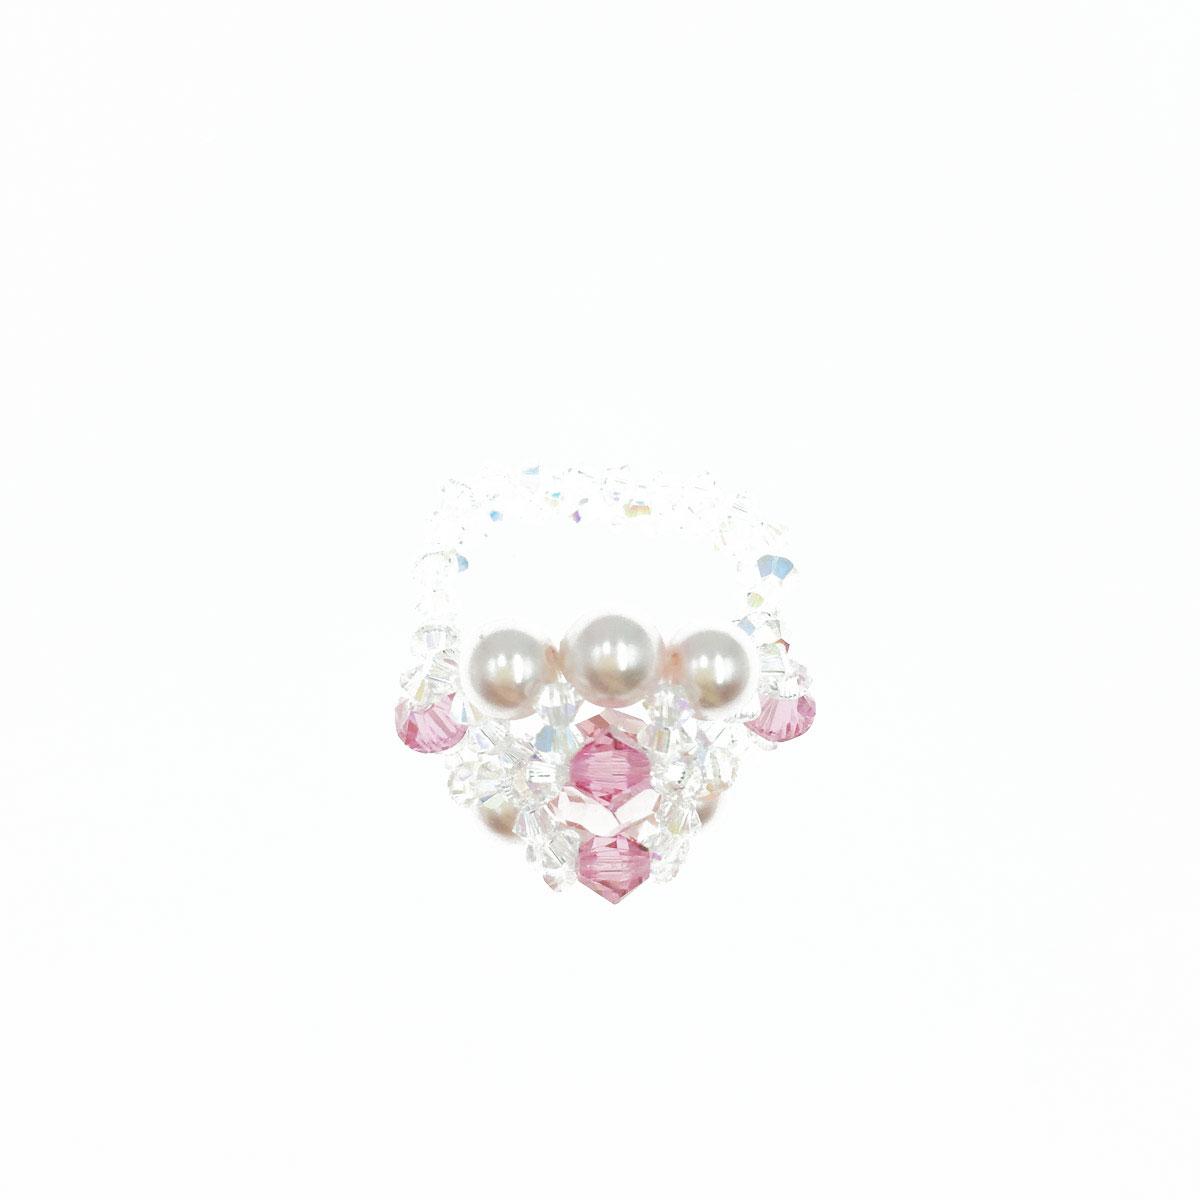 雙排珍珠 水晶 水鑽 粉嫩色 彈性線 戒指 採用施華洛世奇水晶元素 Crystals from Swarovski